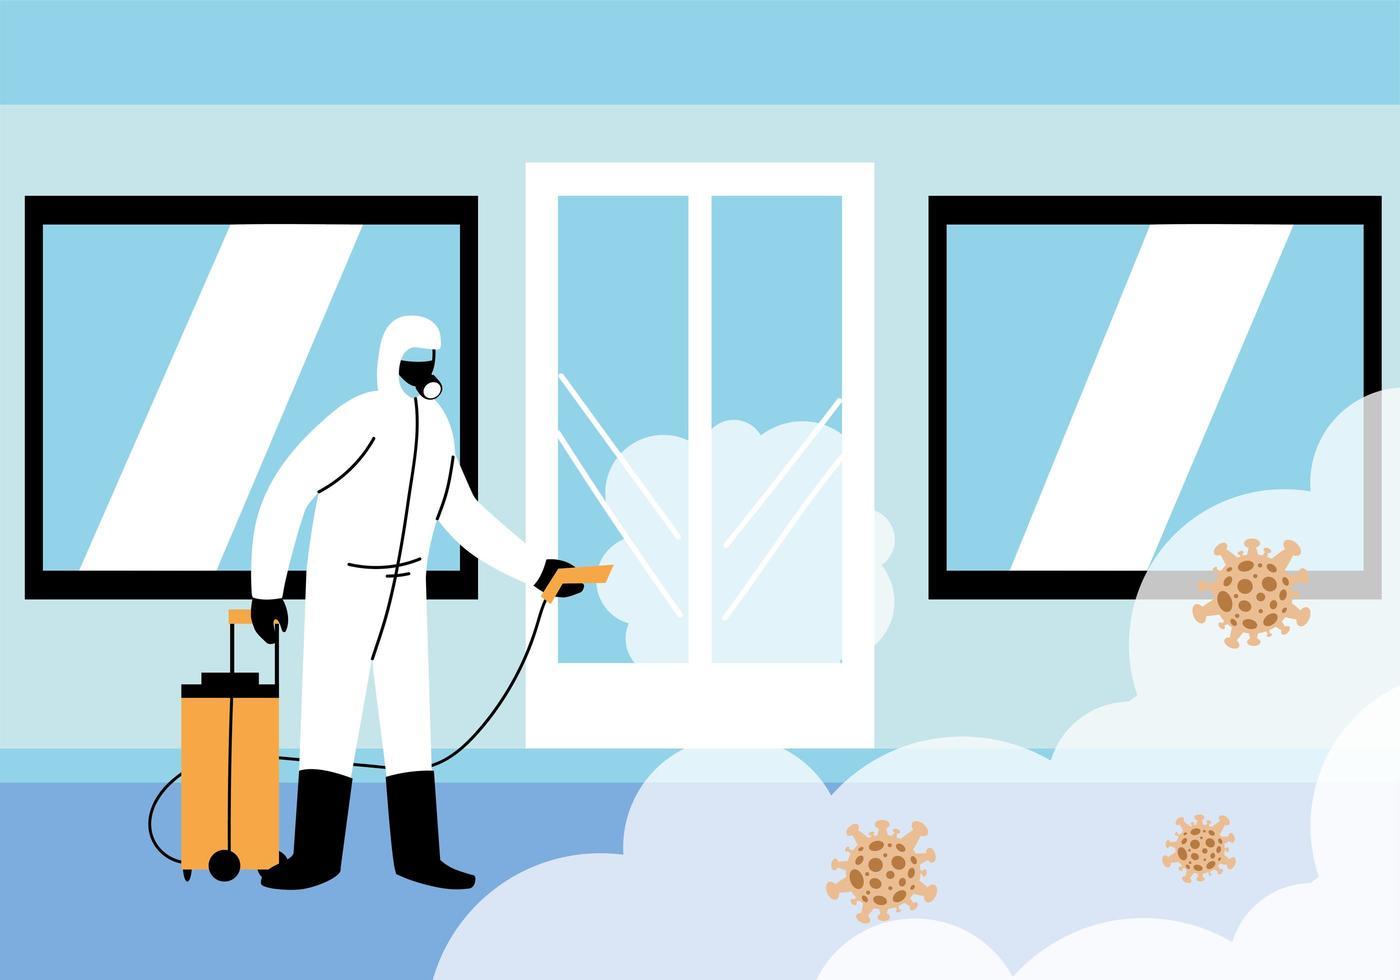 les hommes portent une combinaison de protection, un concept de nettoyage et de désinfection vecteur